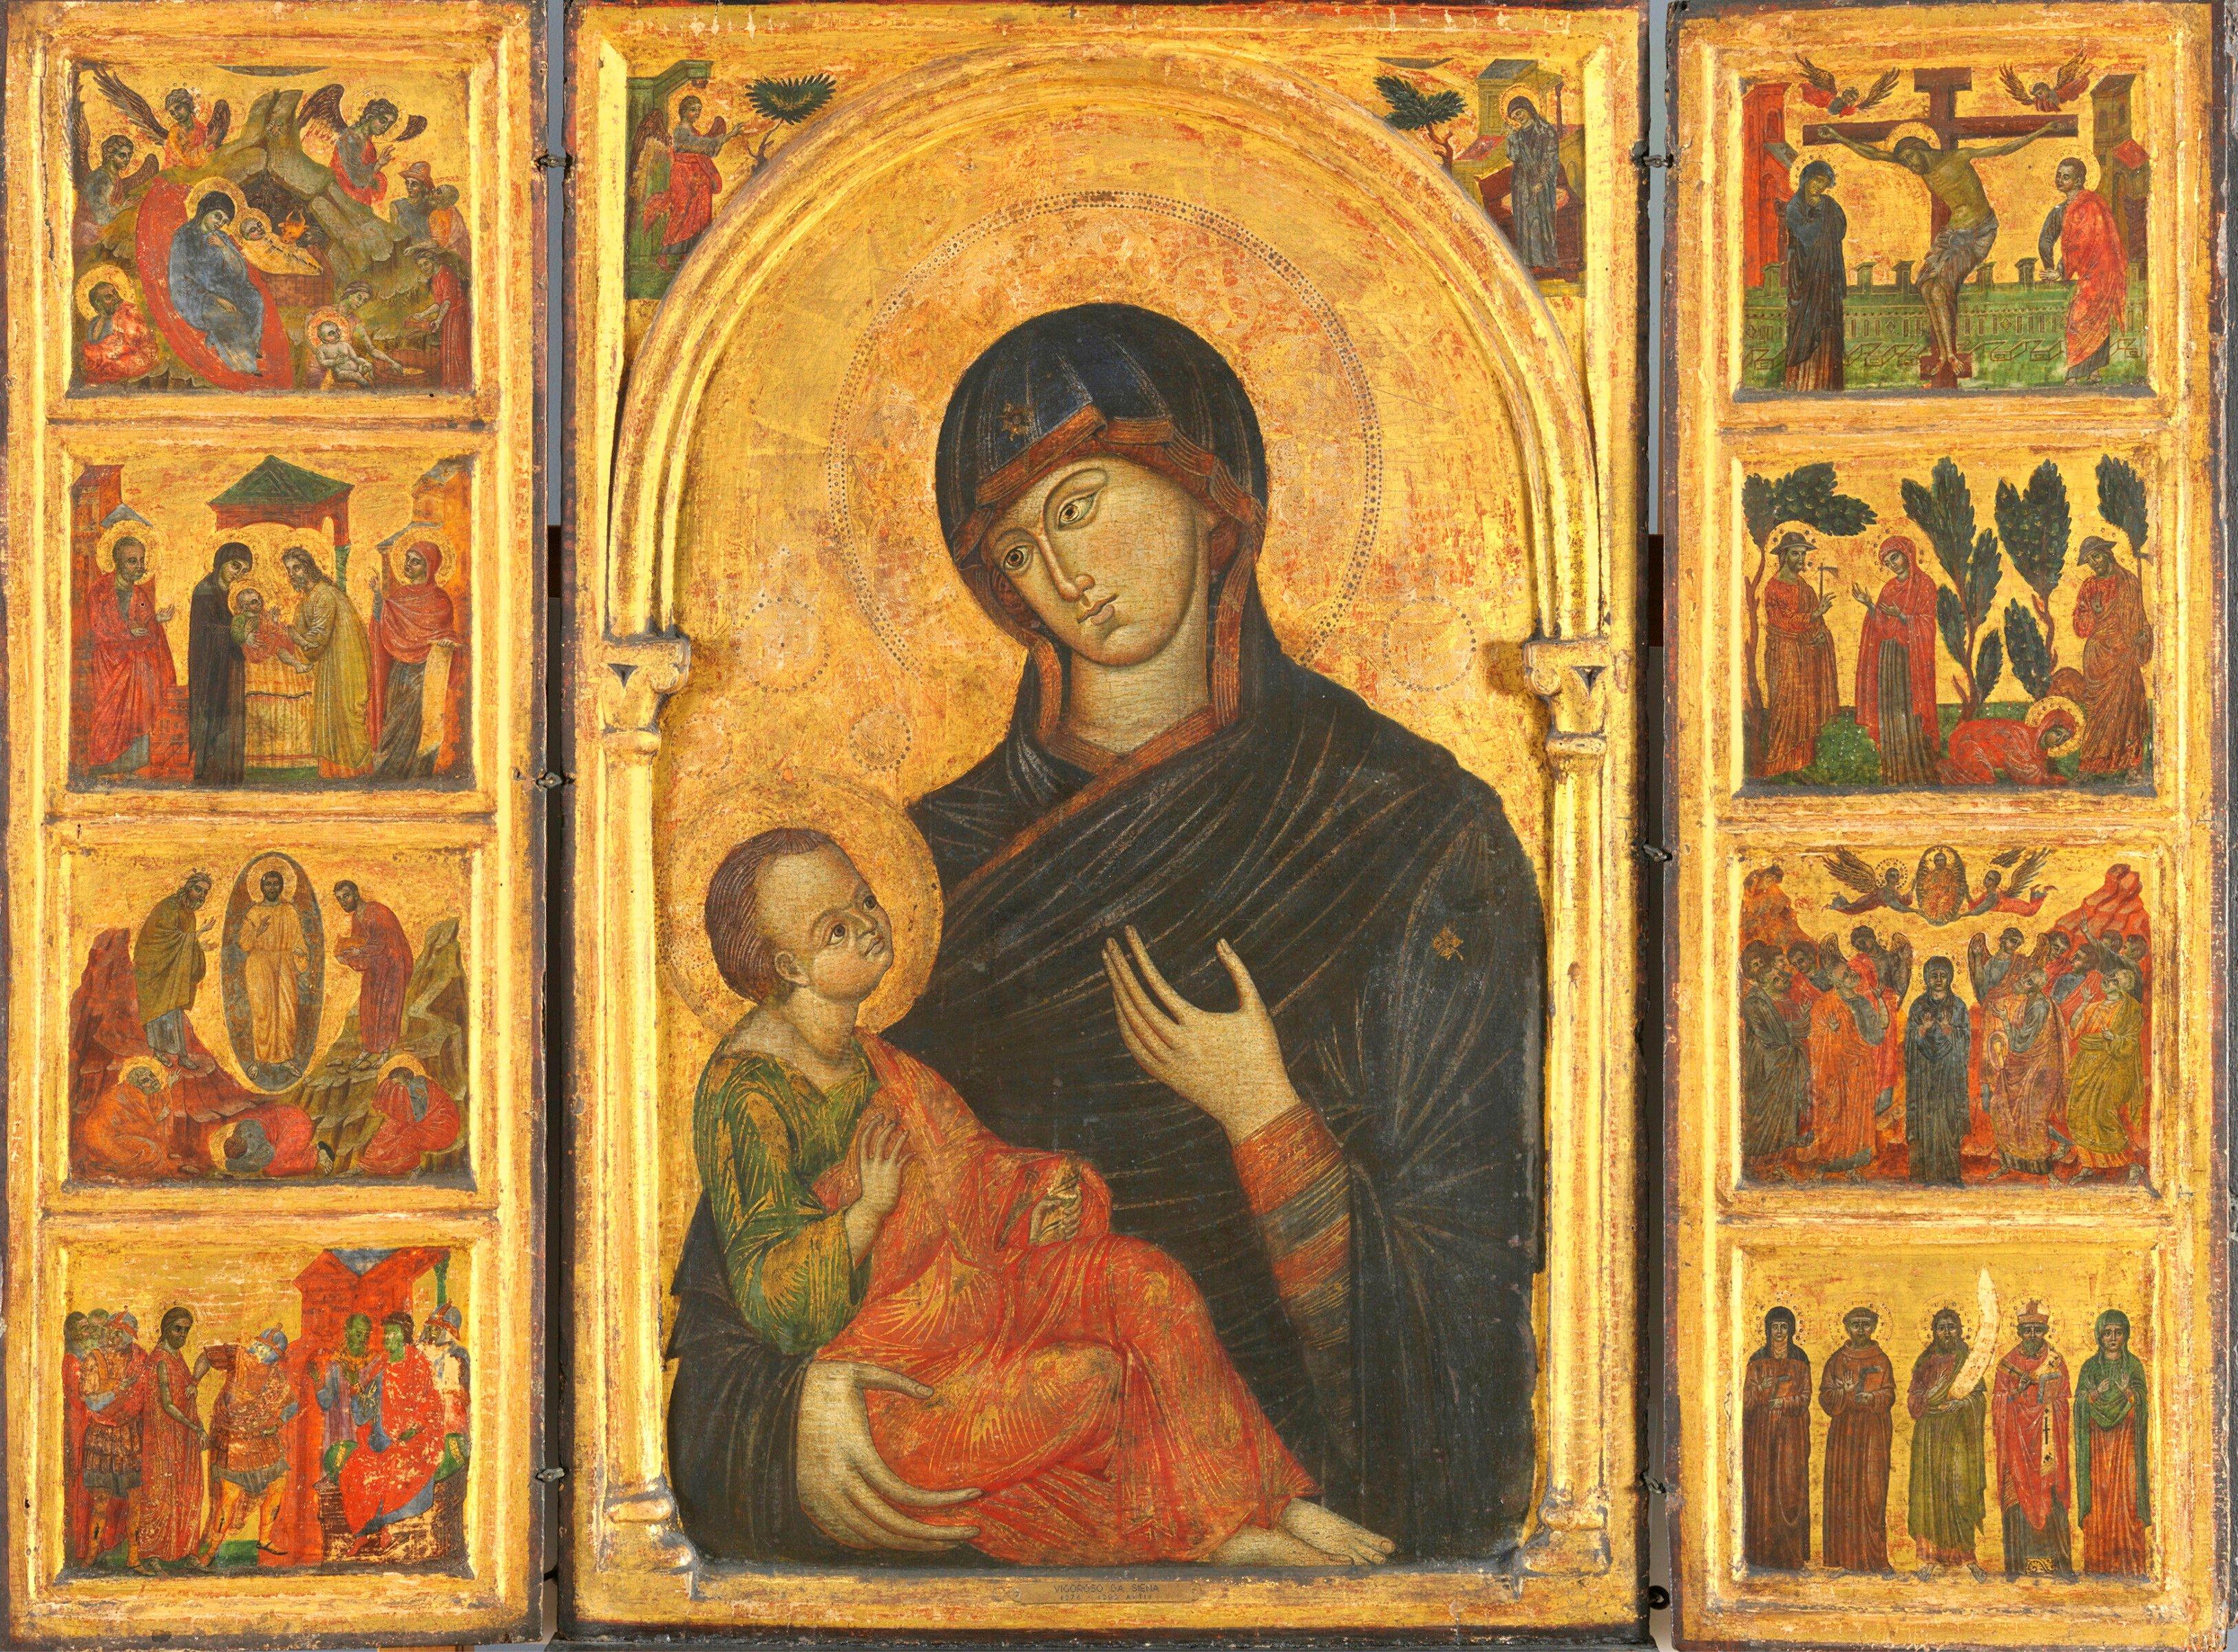 Nossa Senhora com o Menino Jesus, algumas passagens do evangelho e alguns santos